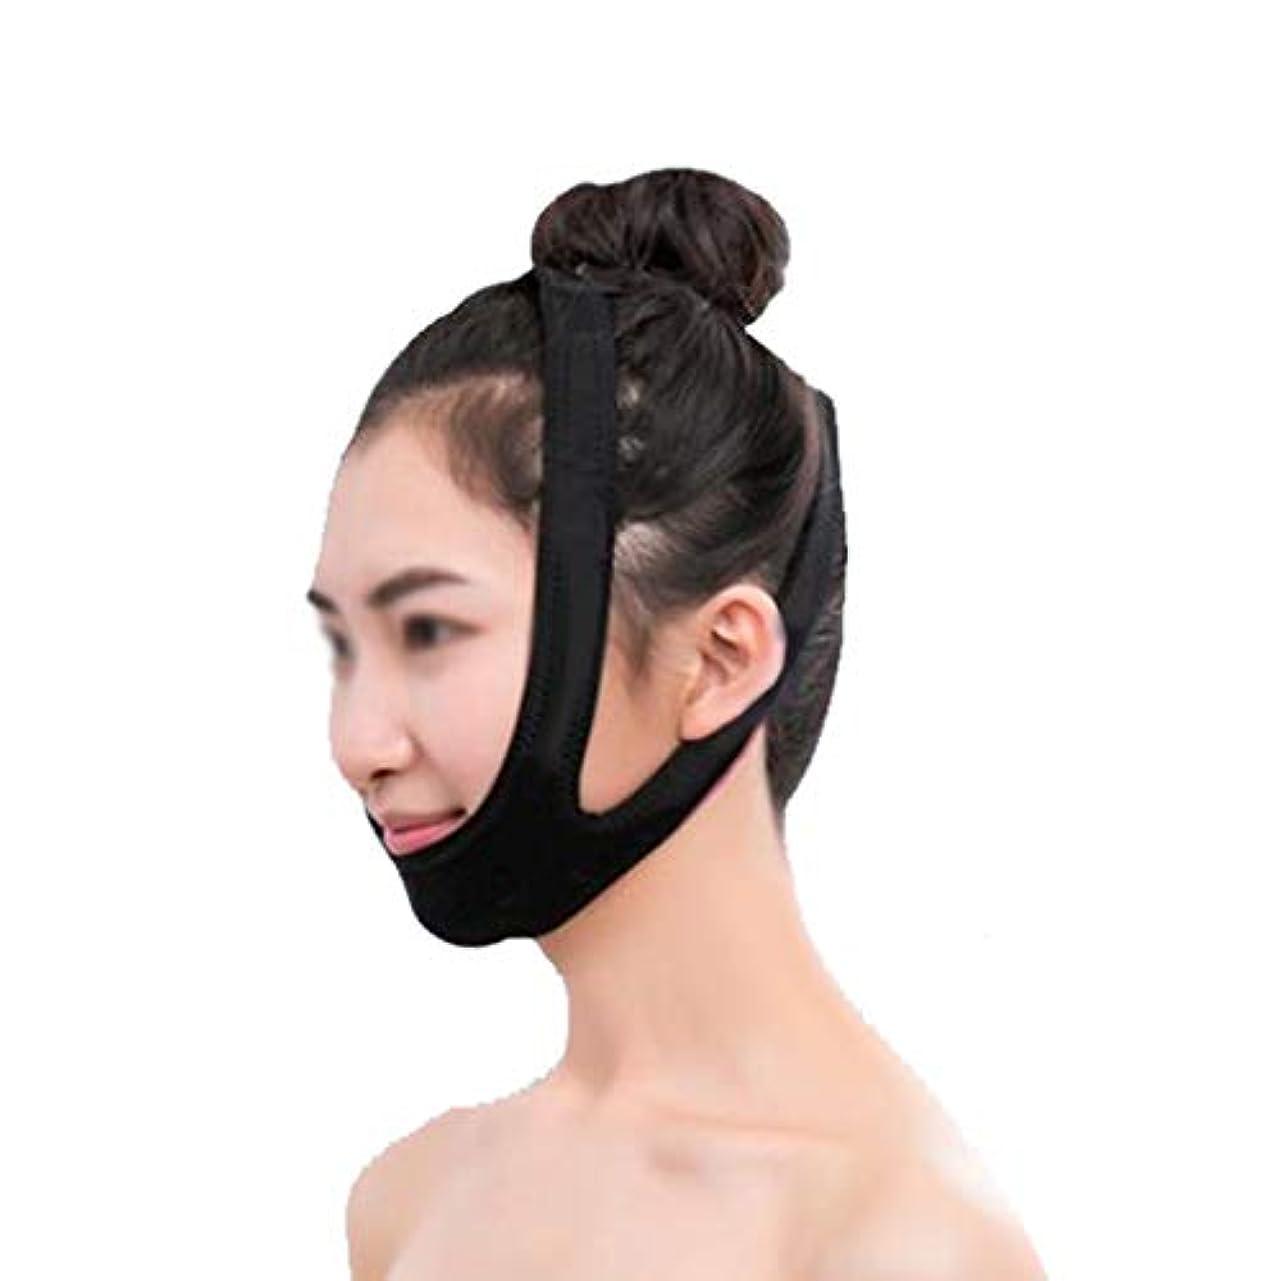 遠え衝突コース滑るZWBD フェイスマスク, 薄いフェイスマスクフェイスリフトアーティファクトマスクVフェイスリフティングタイトな包帯女性ライン彫刻回復顔ダブル